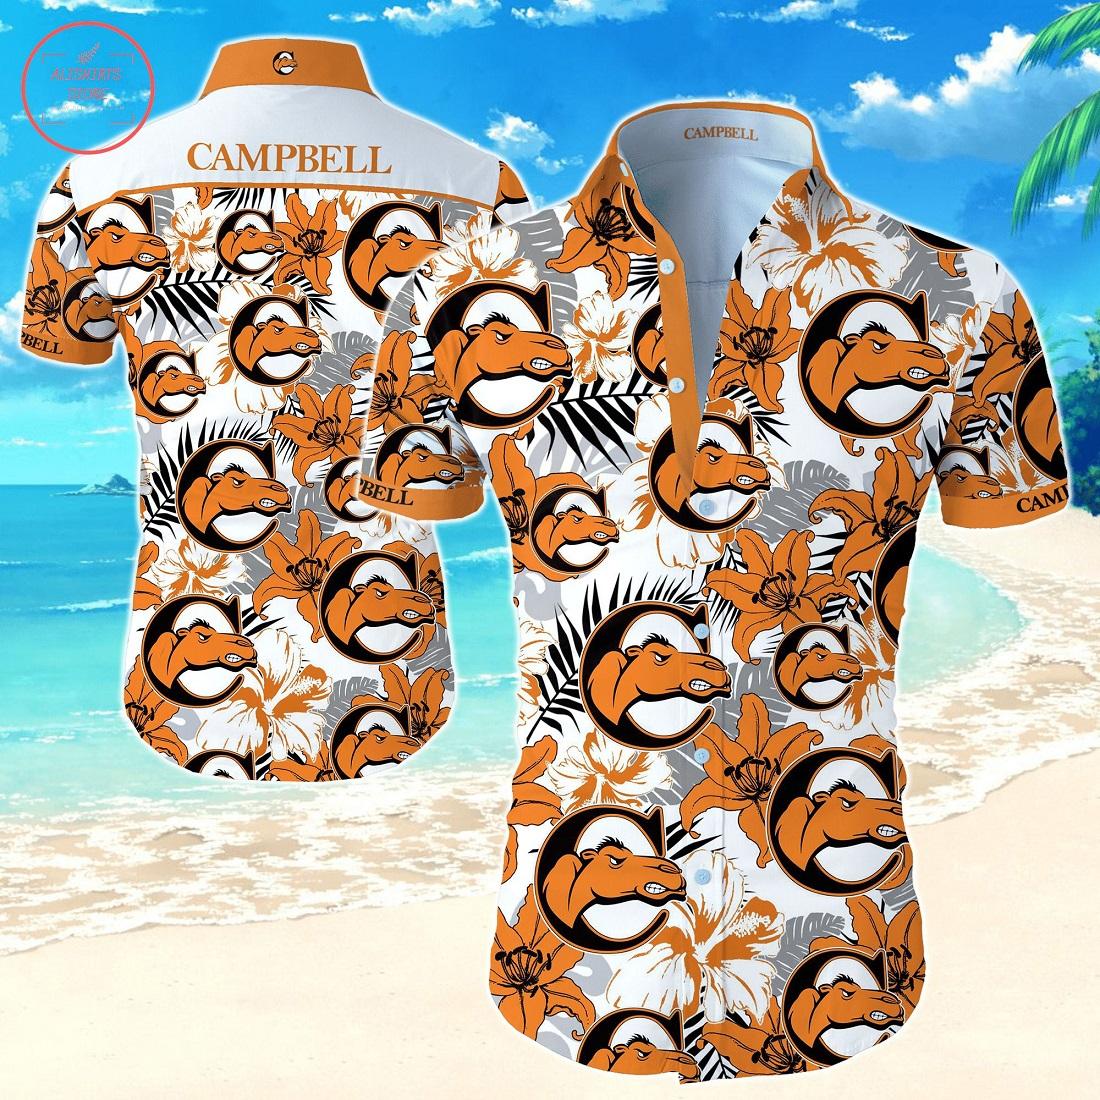 Ncaa Campbell Fighting Camels Hawaiian shirt